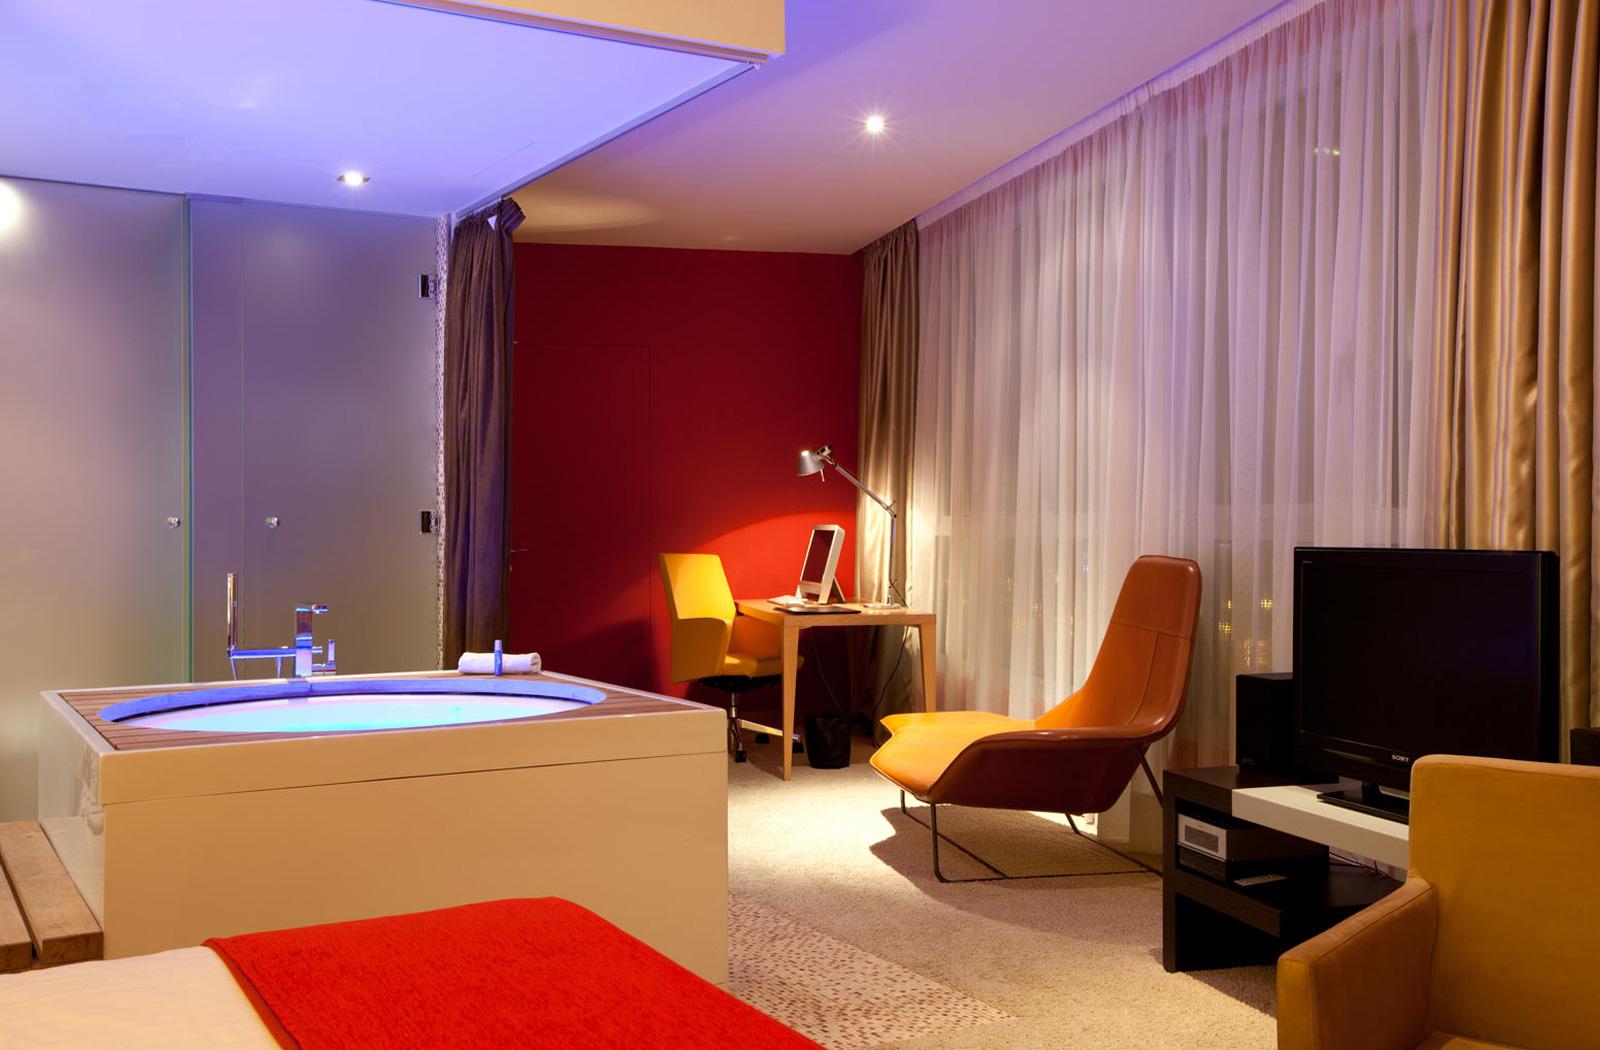 Fotos del hotel sb diagonal zero de barcelona for Hoteles barcelona habitaciones cuadruples